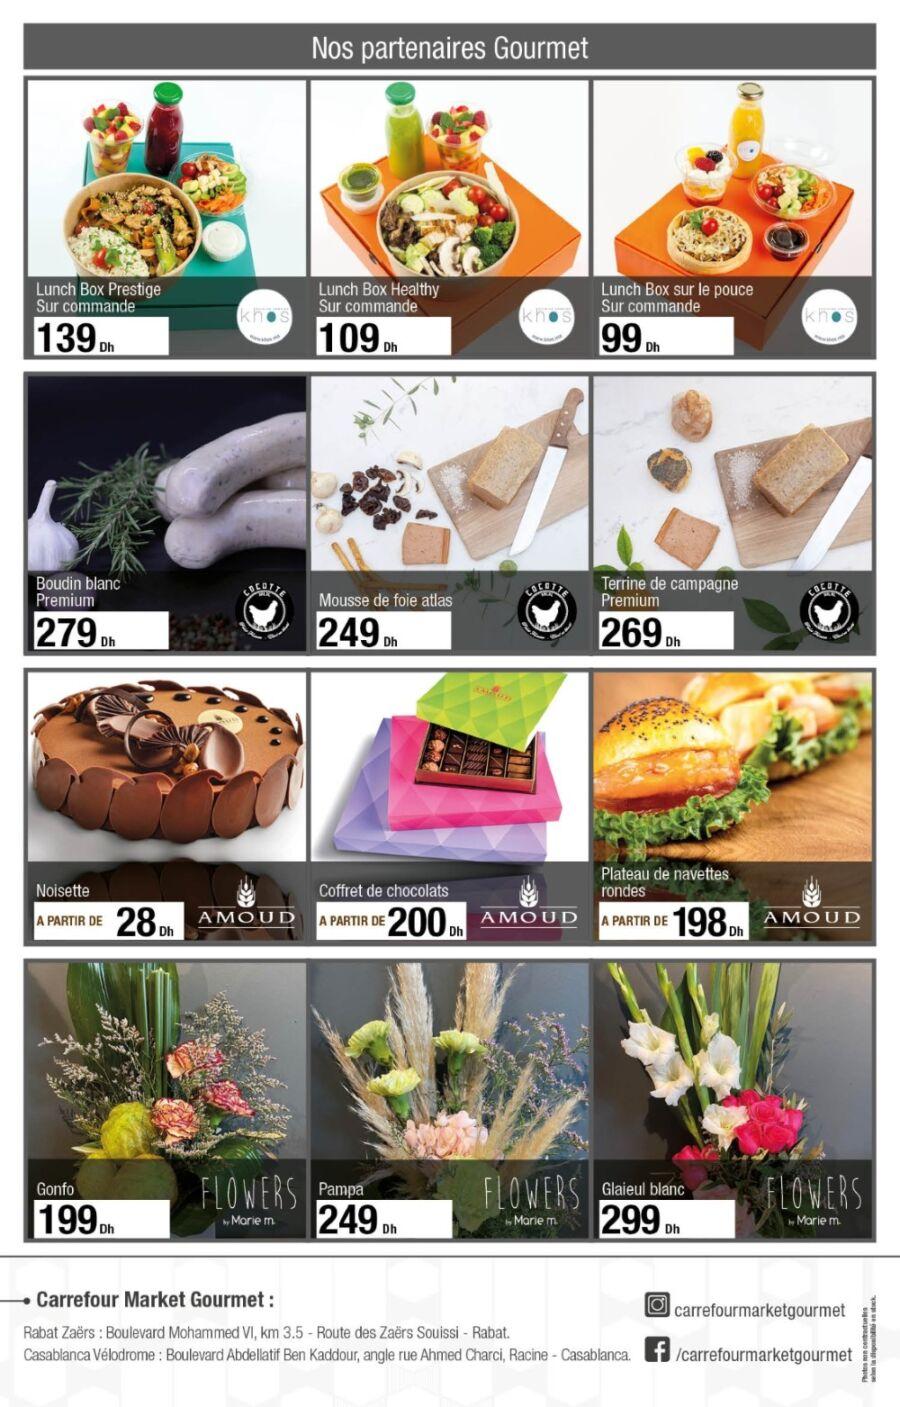 Catalogue Carrefour Gourmet L'instant Festif du 20 Novembre au 10 Décembre 2020